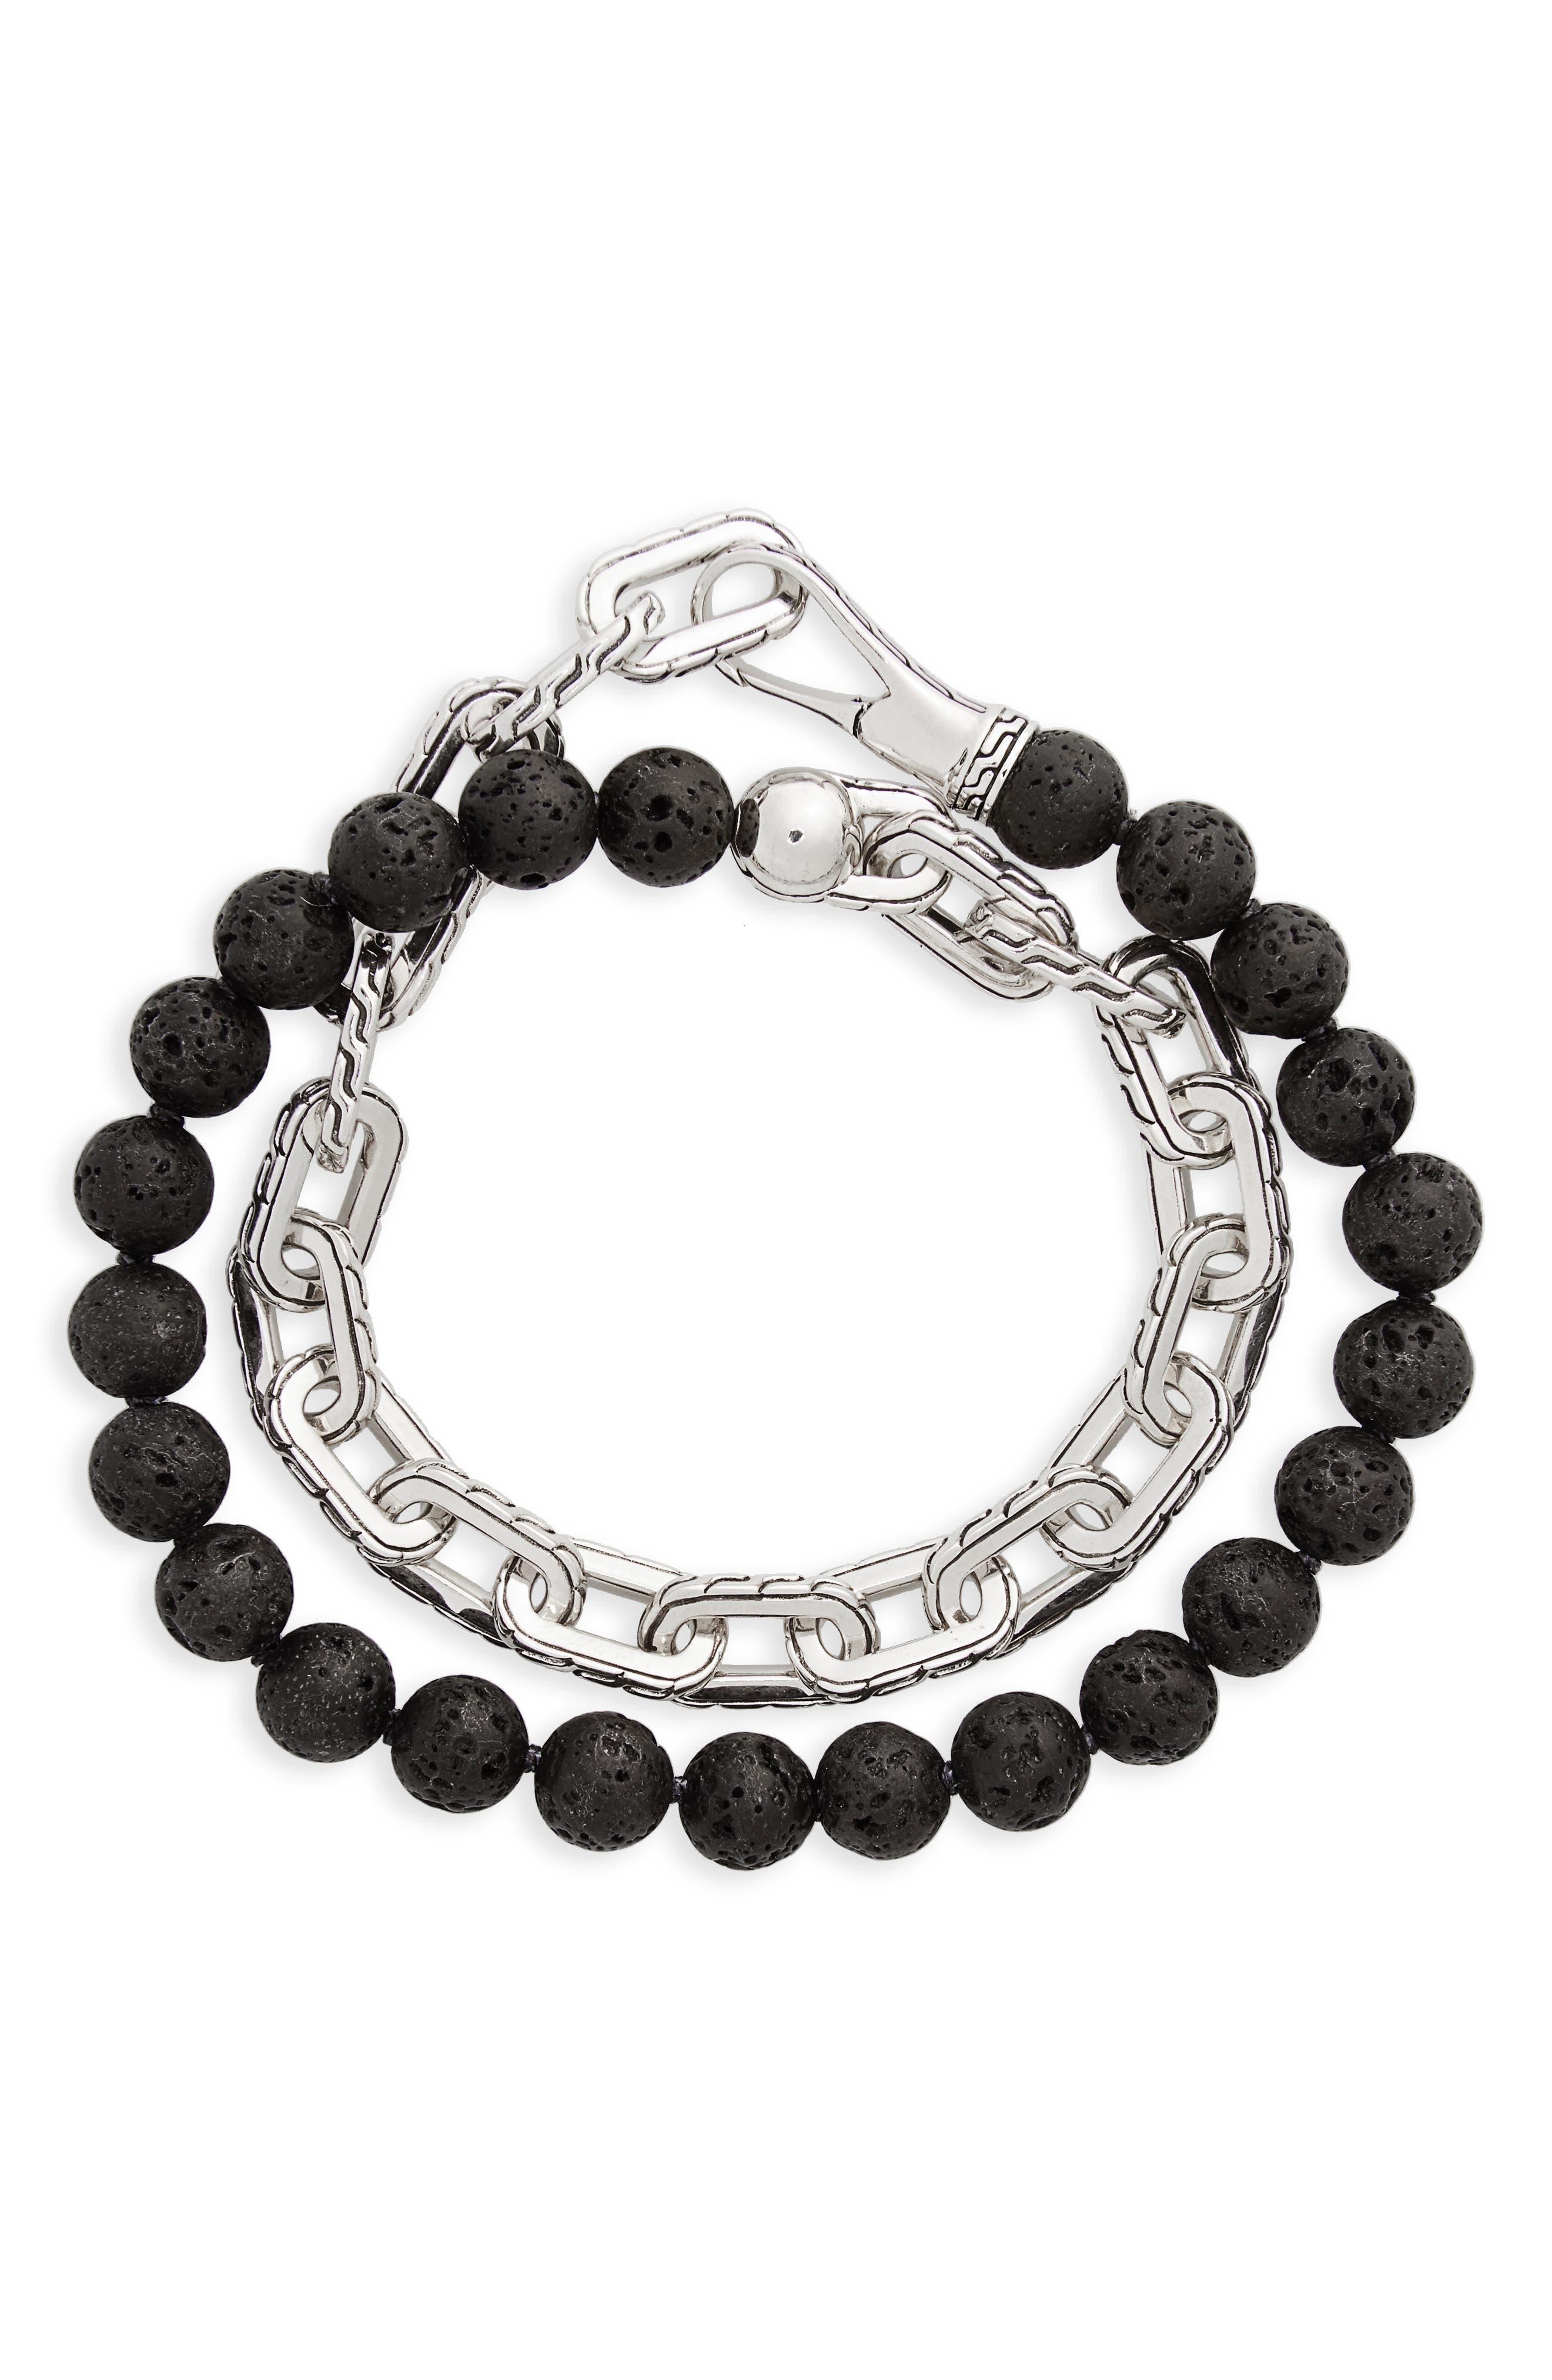 Classic Chain Double Wrap Bracelet,                             Main thumbnail 1, color,                             SILVER/ MULTI